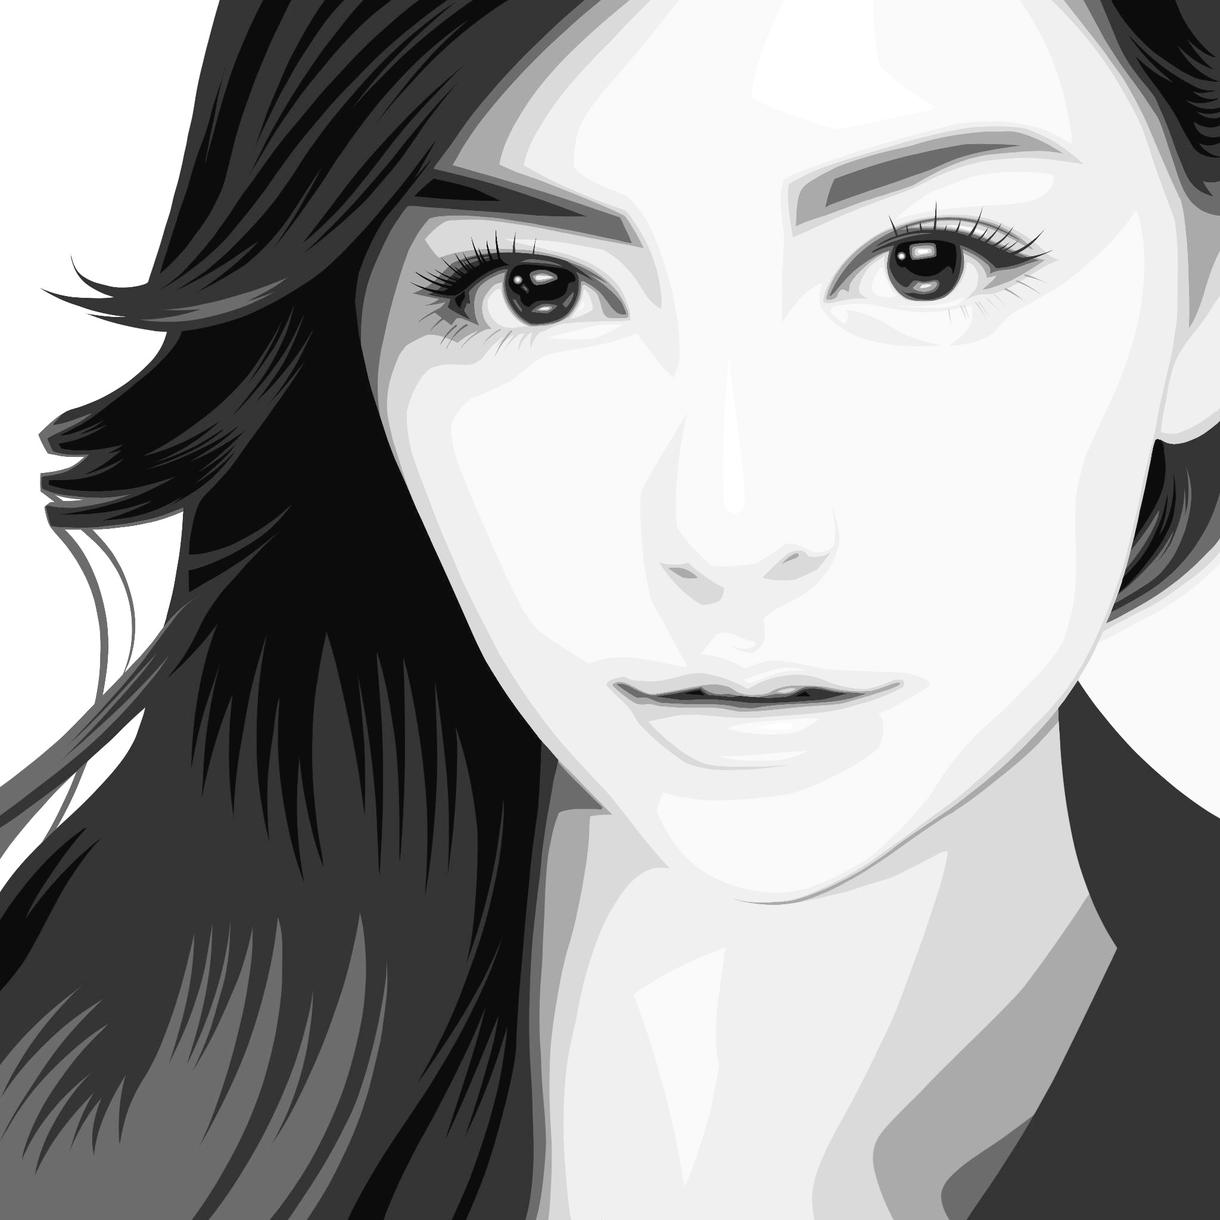 似顔絵をおしゃれなアートに仕上げます おしゃれ似顔絵アートでさらに美しく。